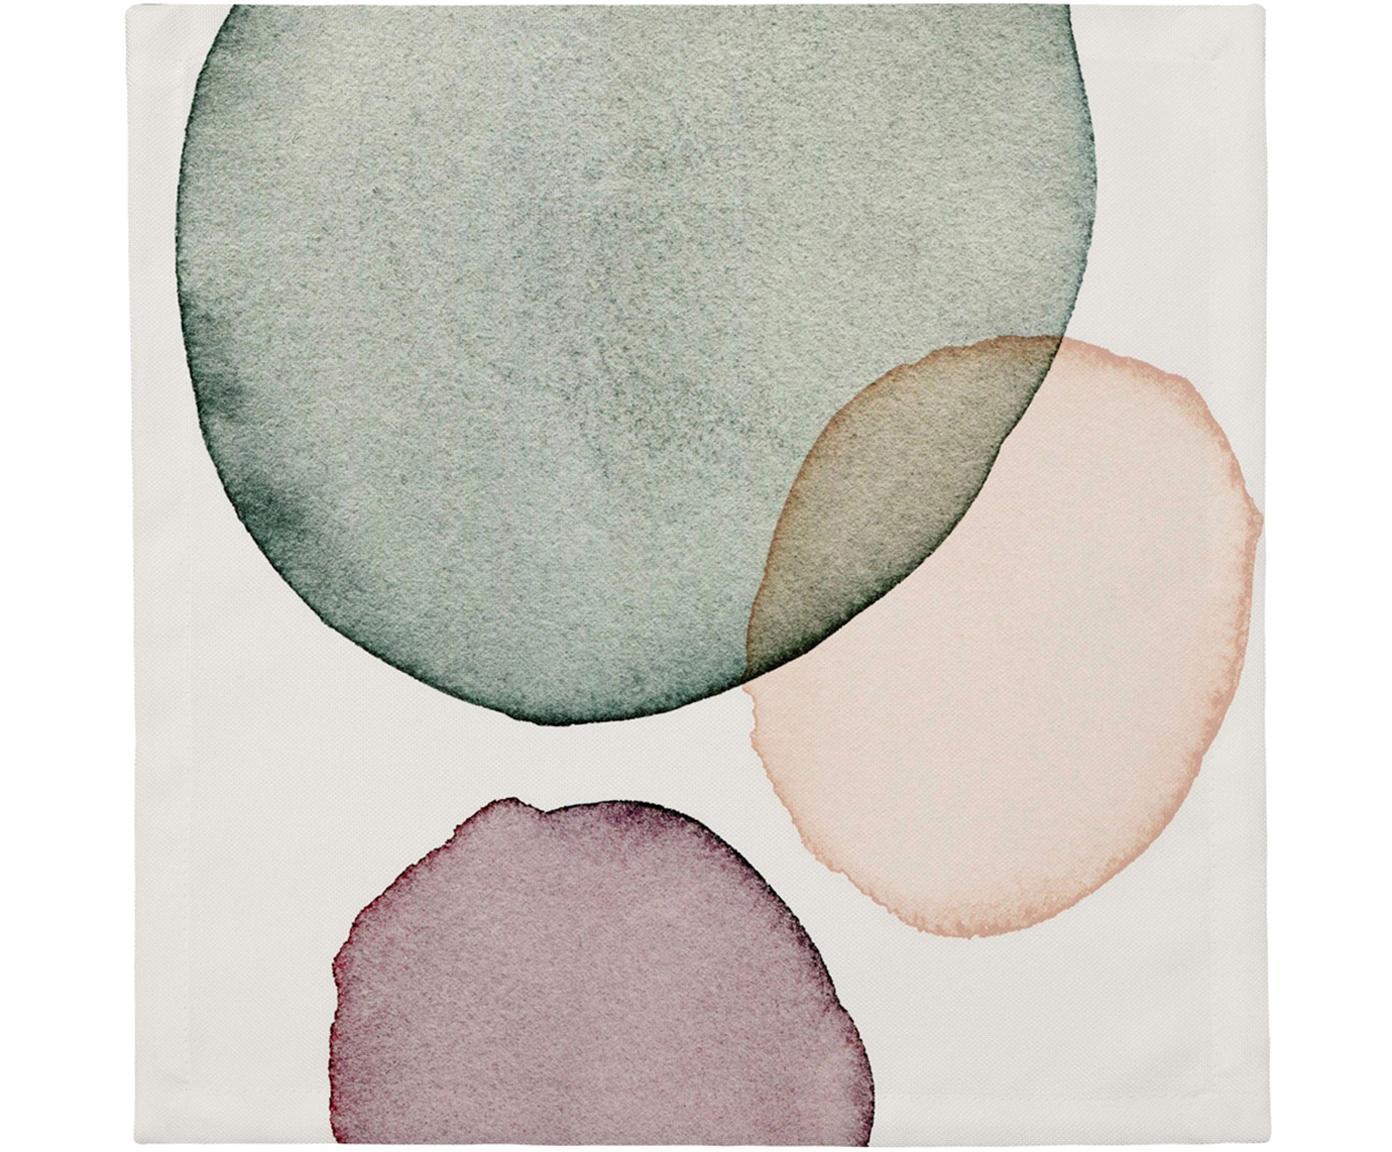 Baumwoll-Servietten Calm, 4 Stück, Baumwolle, Weiss, Grün, Lila, Lachsfarben, 40 x 40 cm